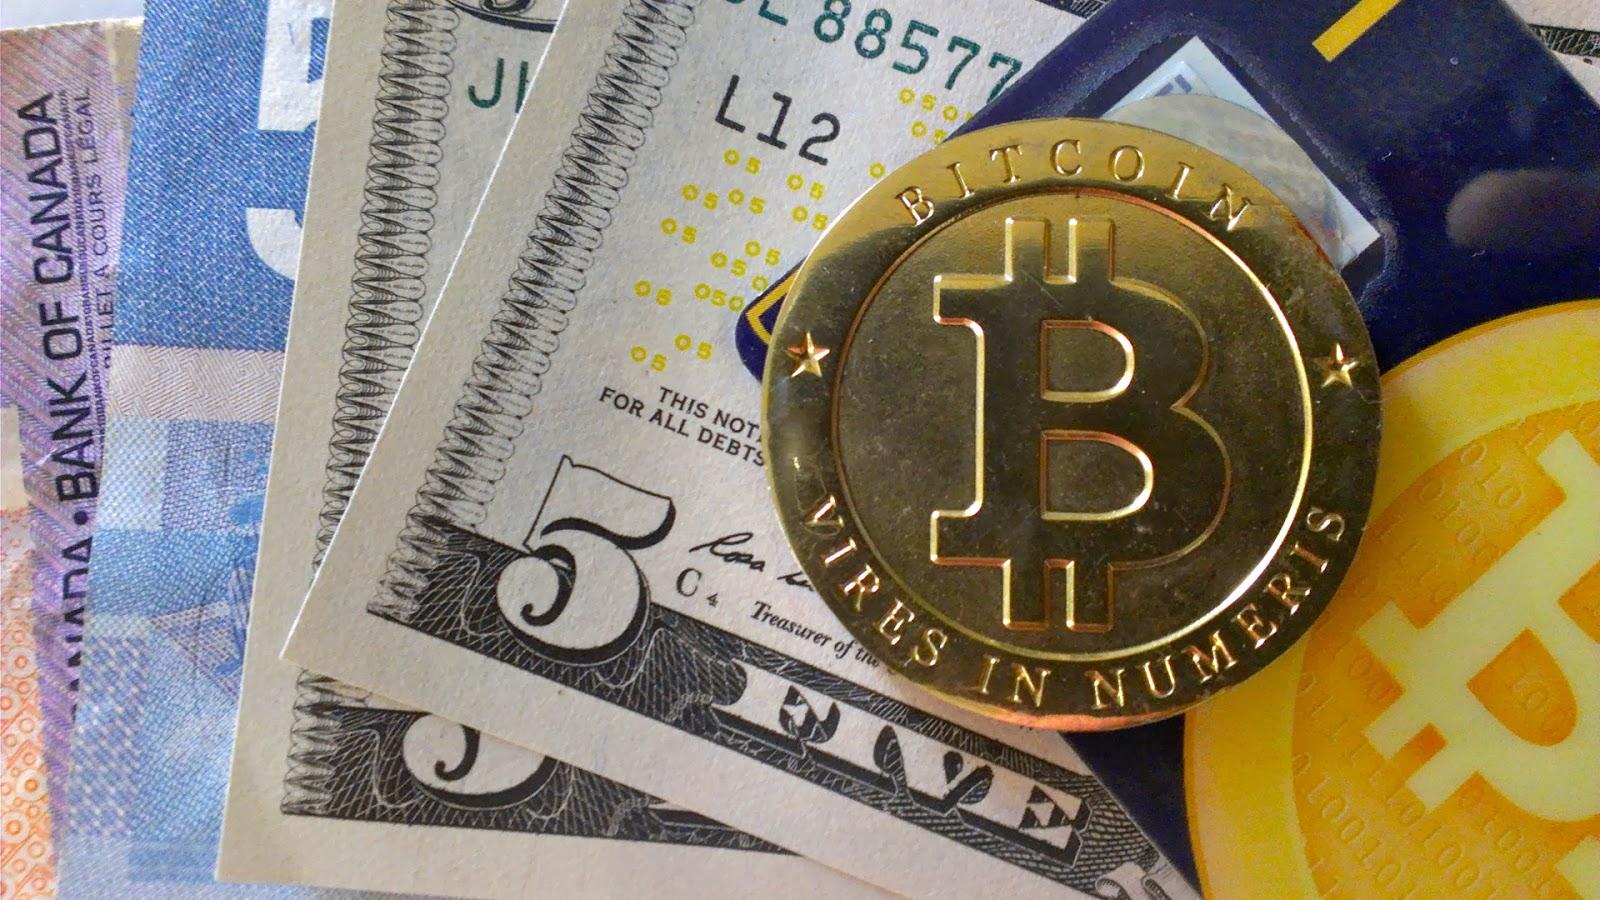 Bitcoin Ne Zamandan Beri Kullanılıyor?